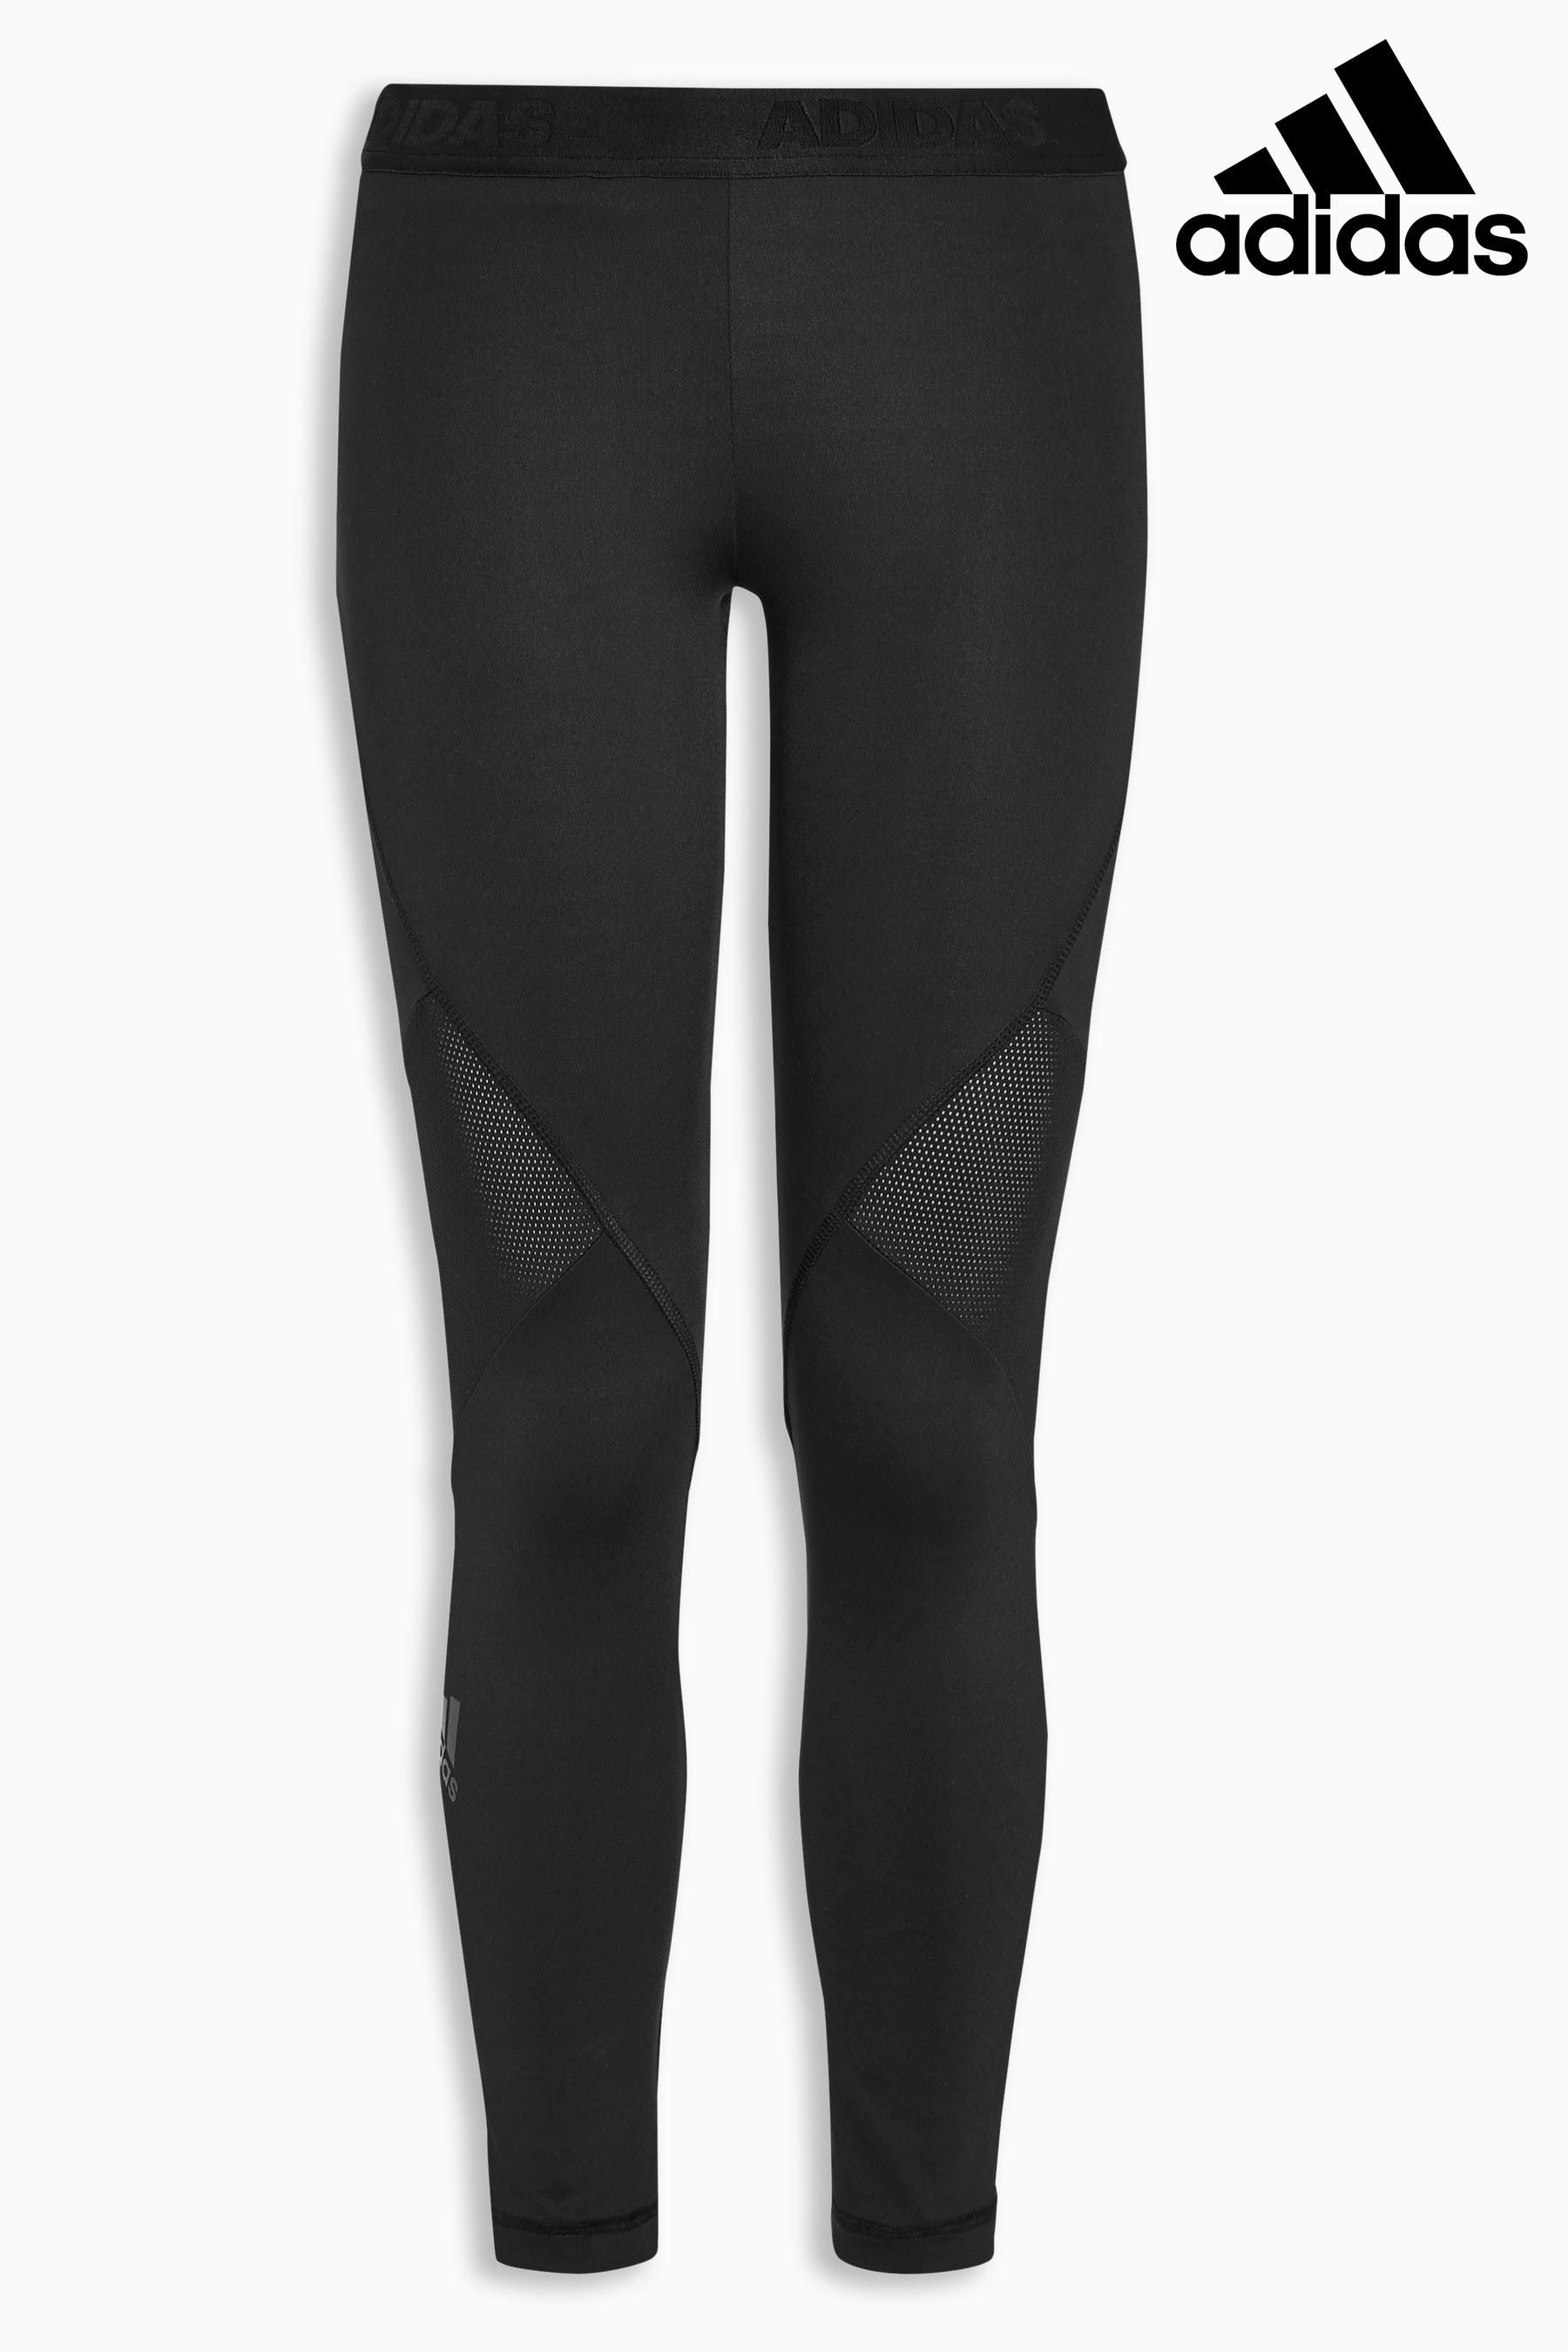 12 Alphaskin Schwarz Adidas Ladies Tech Tights Größe 14 wZxRqg6an